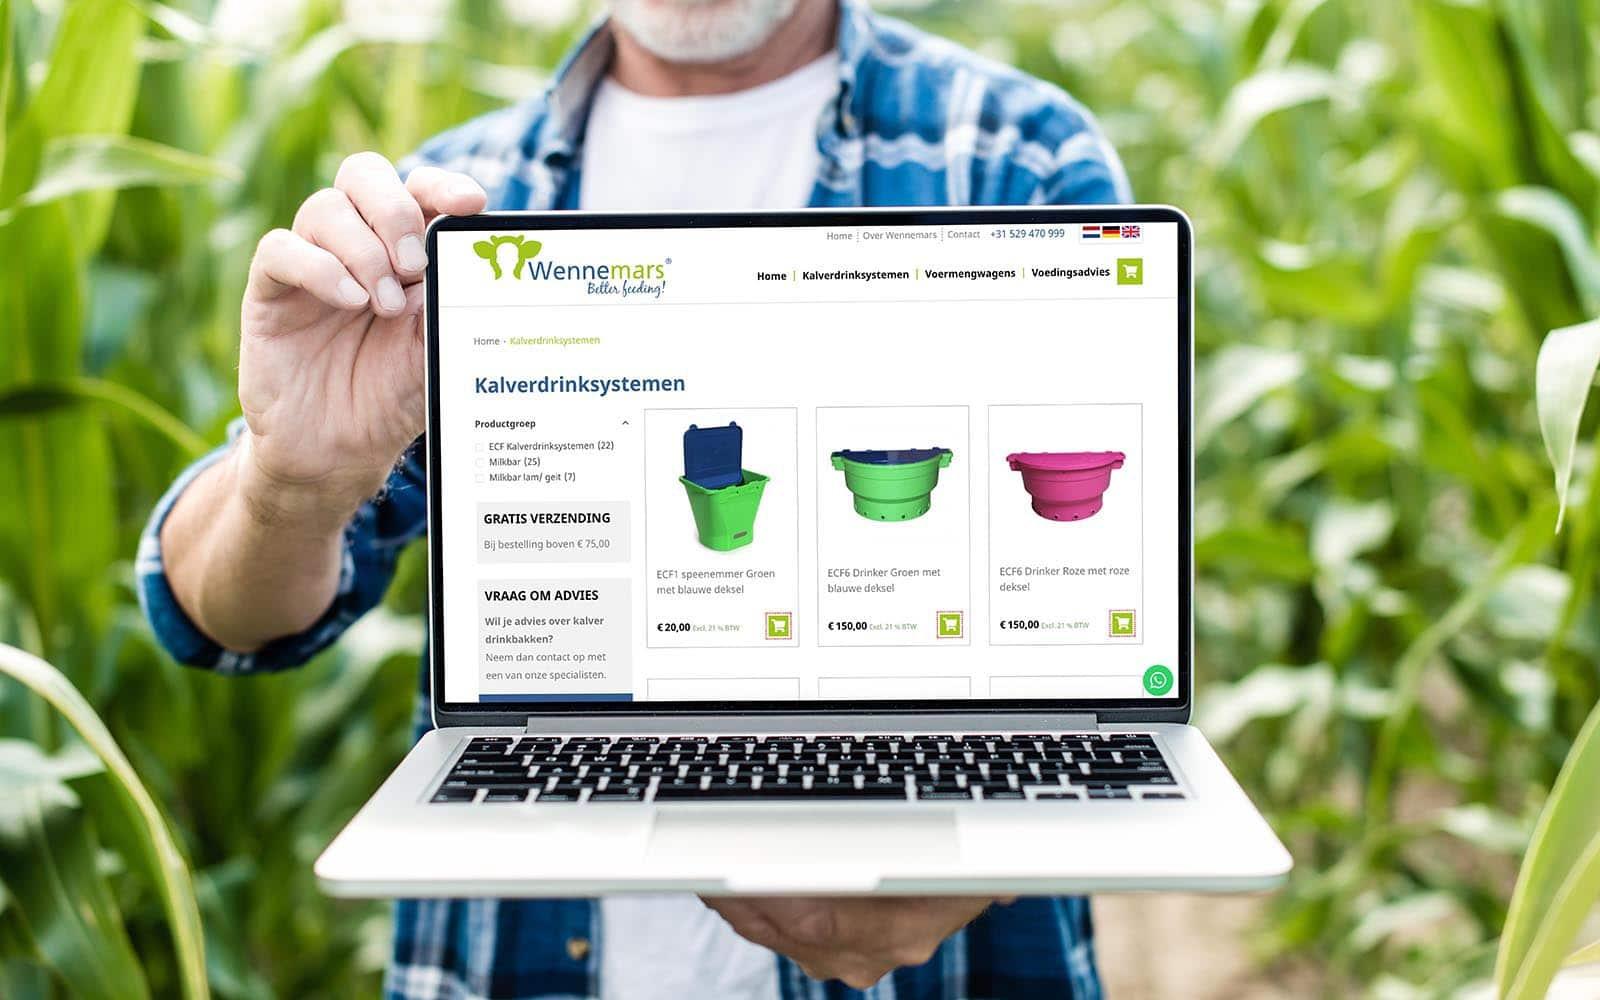 Woocommerce webshop voor Wennemars